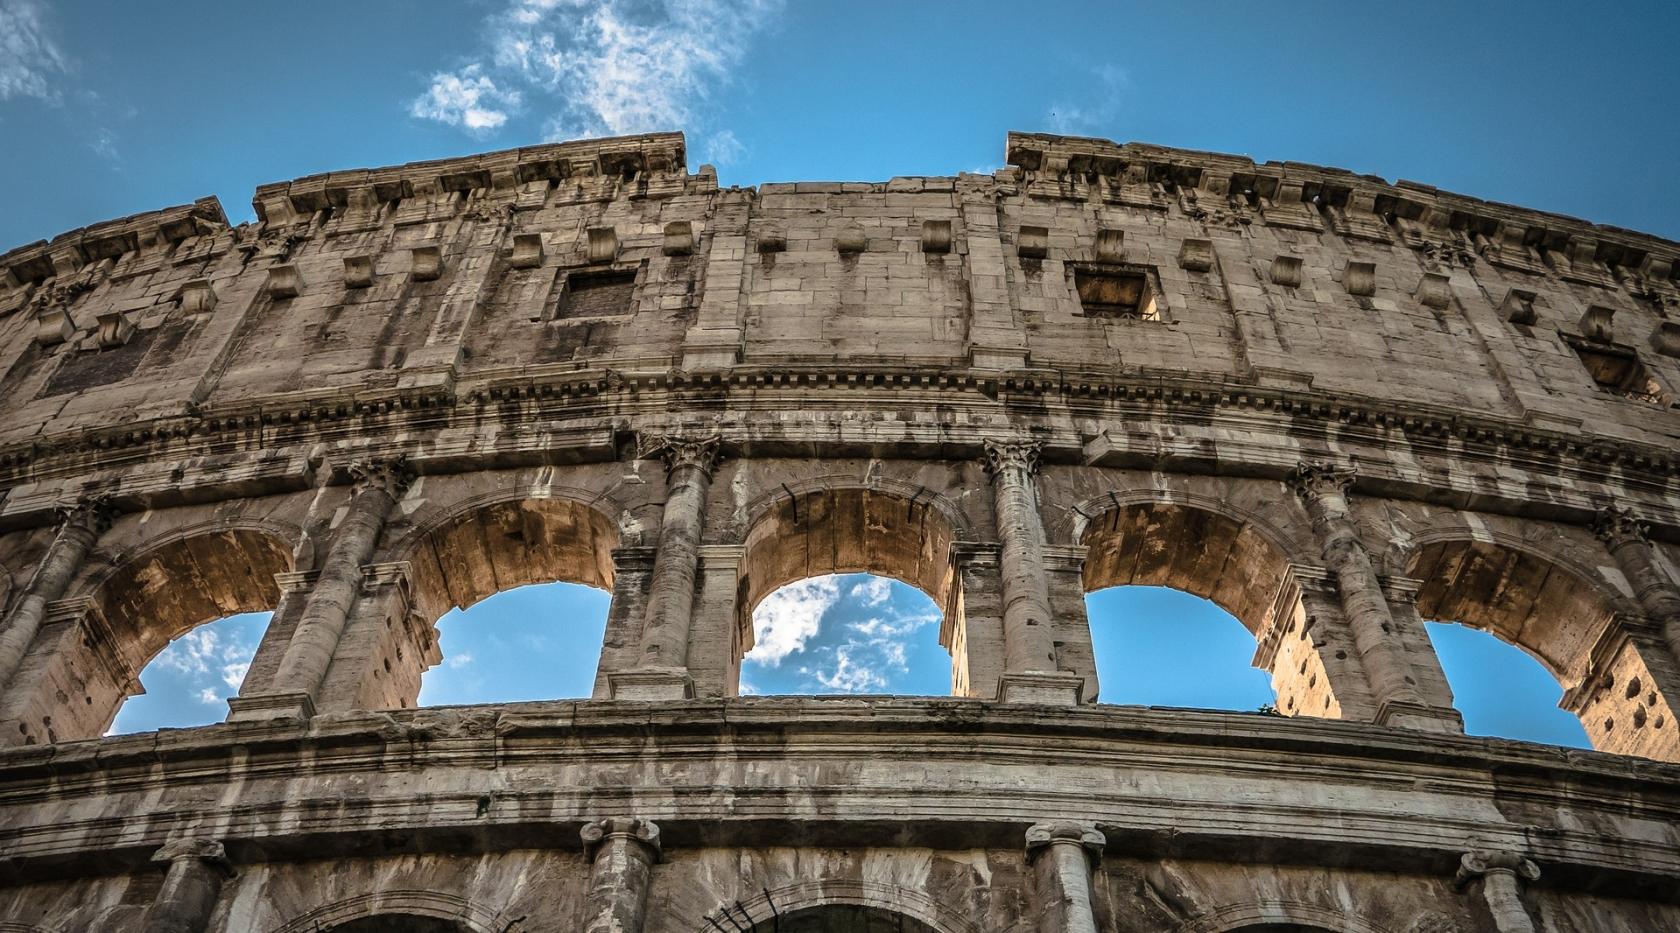 Cosa vedere a Roma - Colosseo - Hotel Raffaello Roma 3 stelle